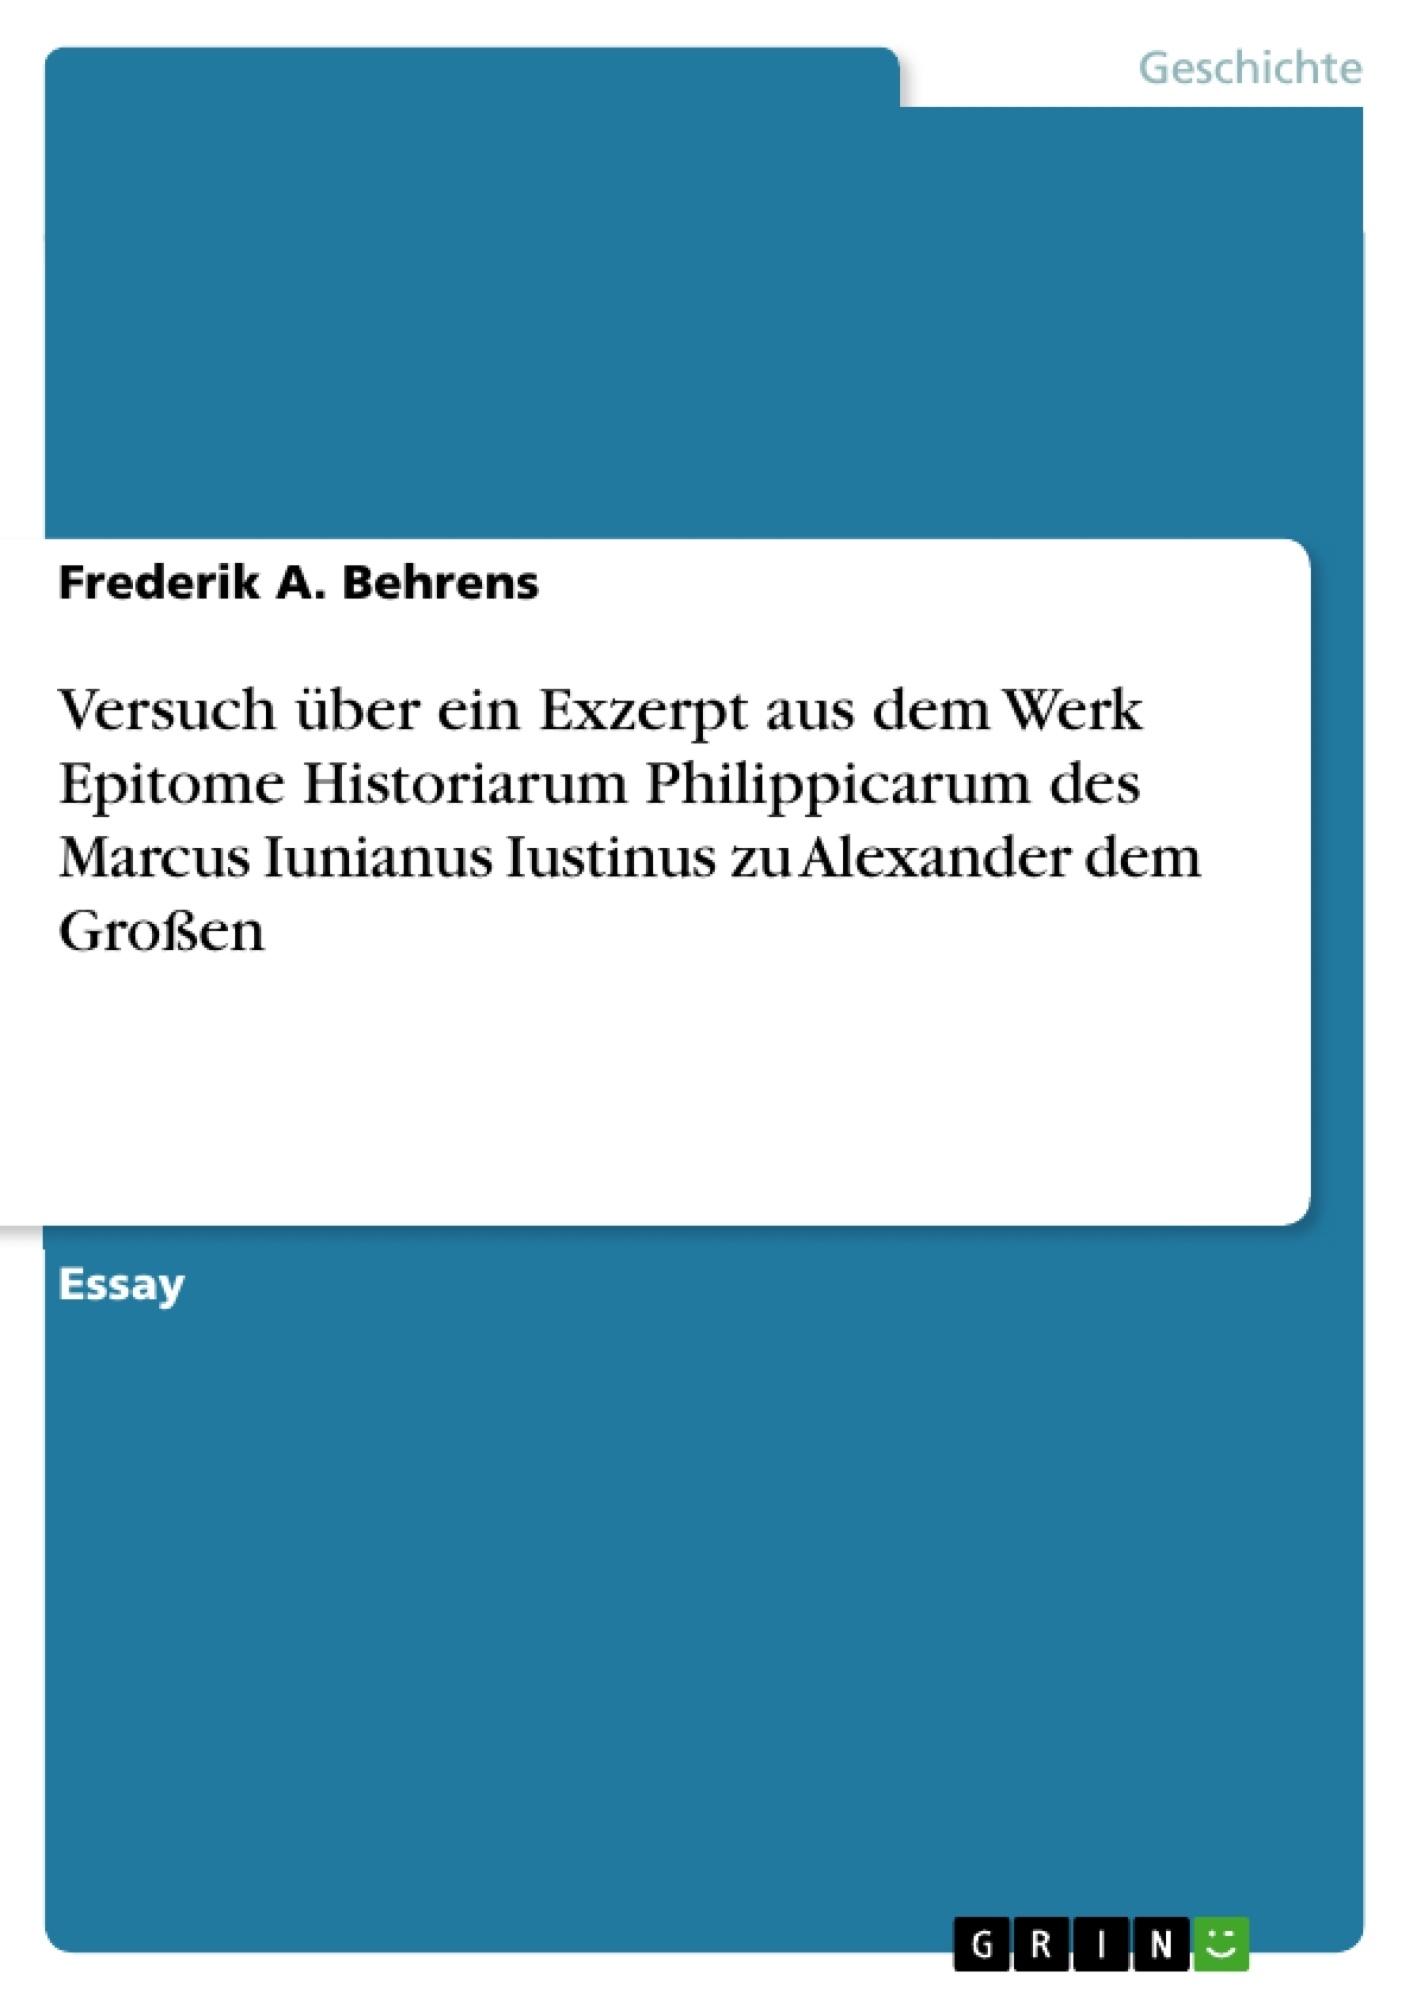 Titel: Versuch über ein Exzerpt aus dem Werk Epitome Historiarum Philippicarum des Marcus Iunianus Iustinus zu Alexander dem Großen